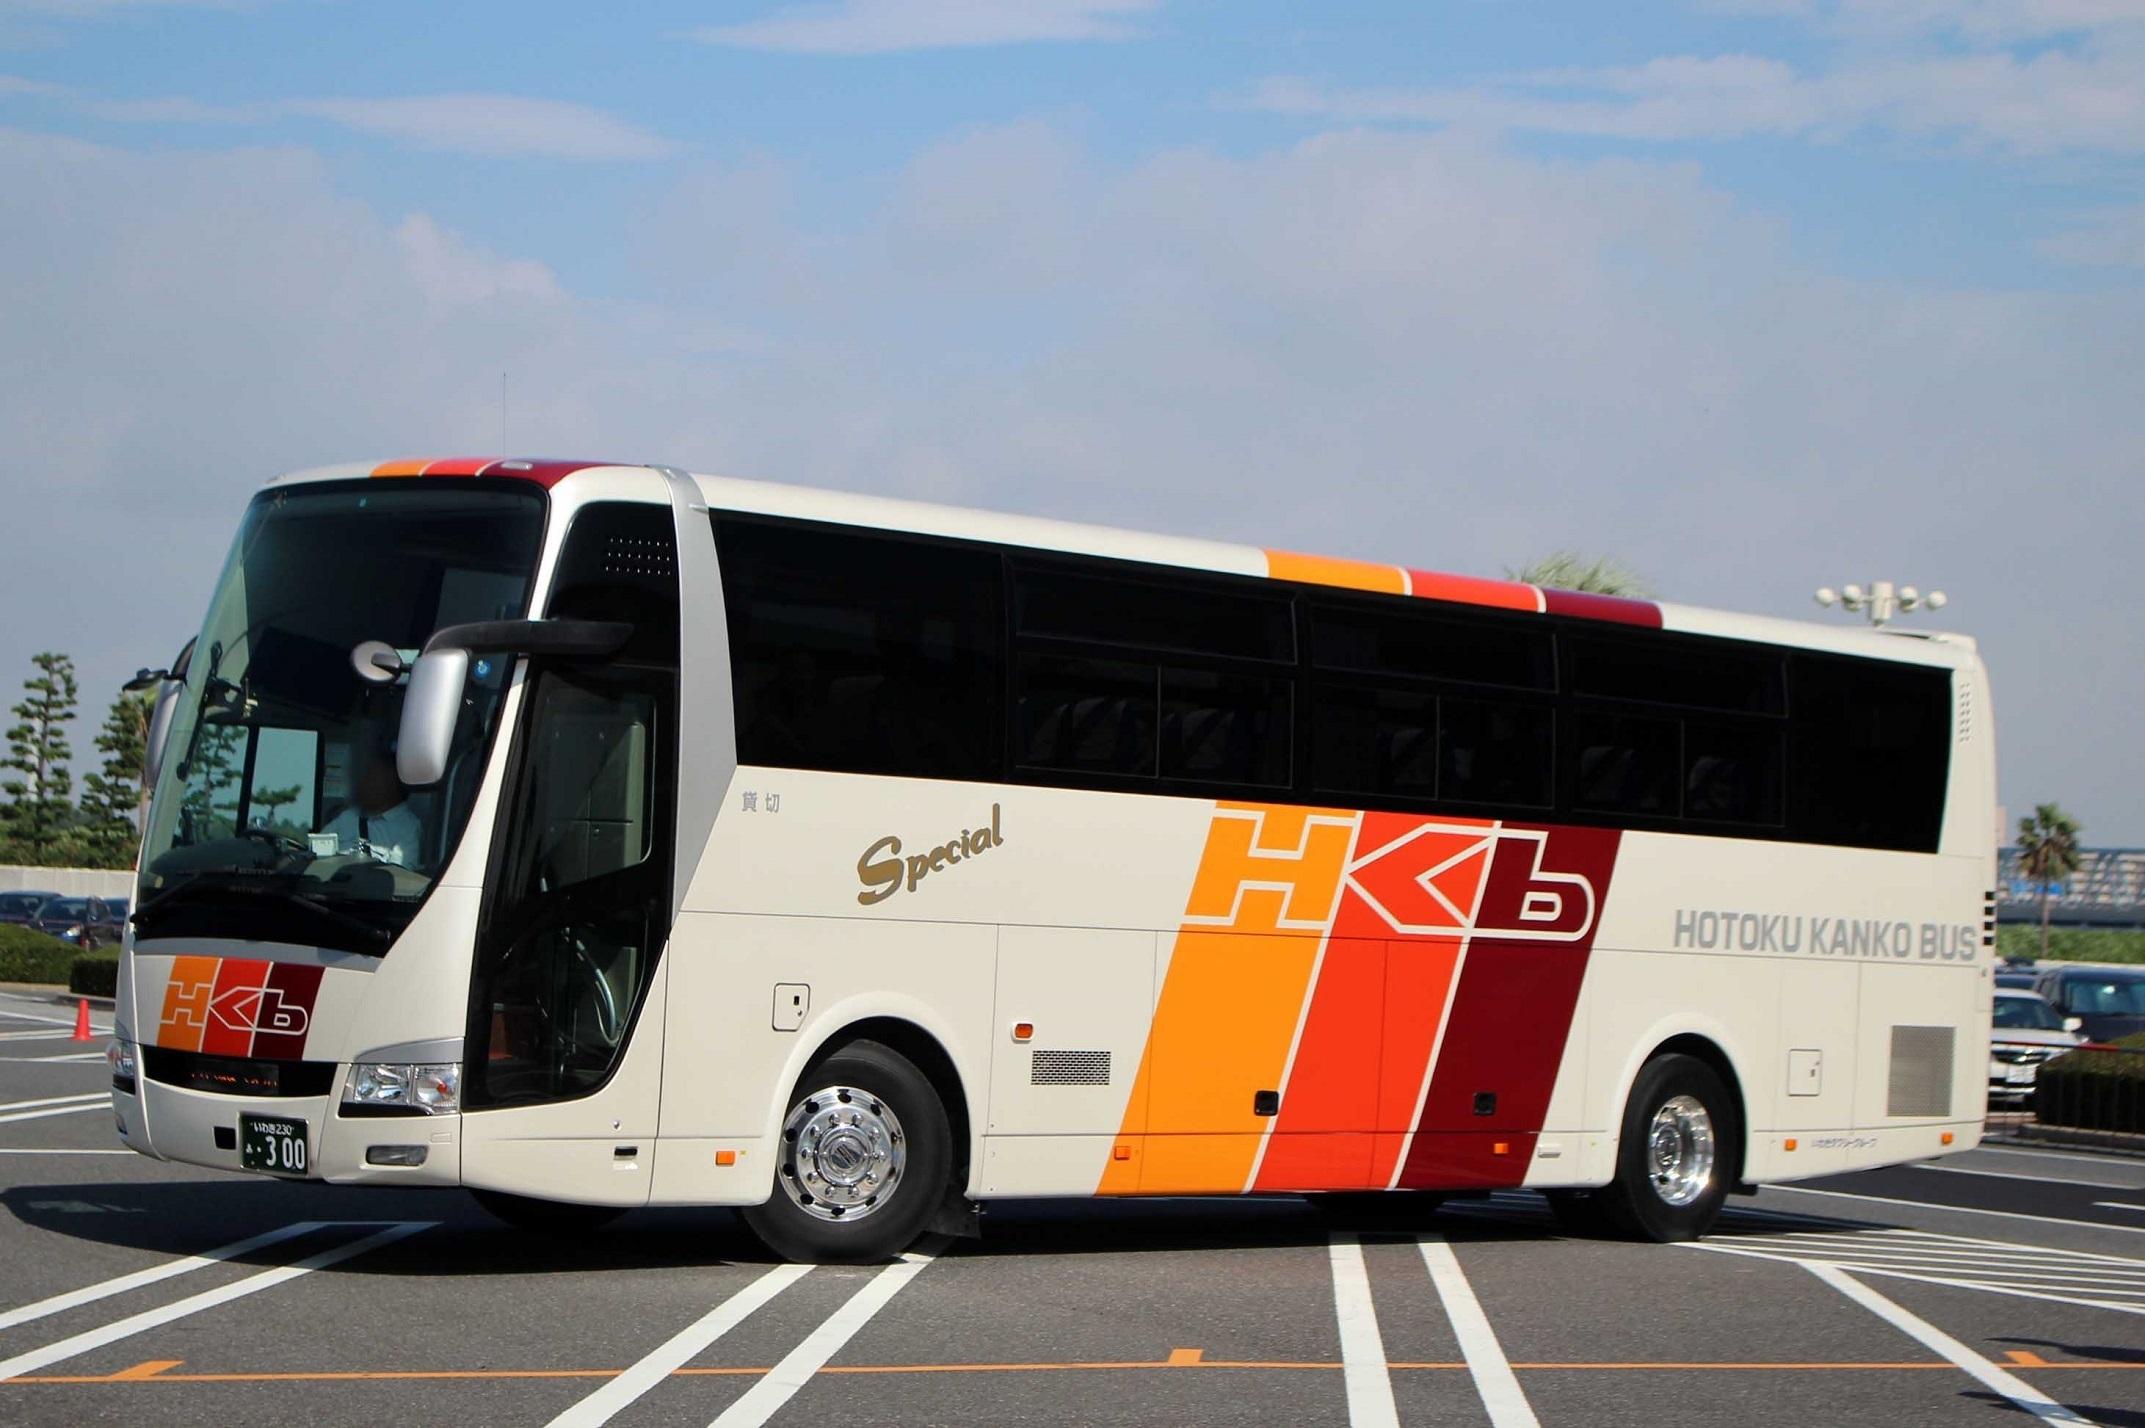 報徳観光バス あ300